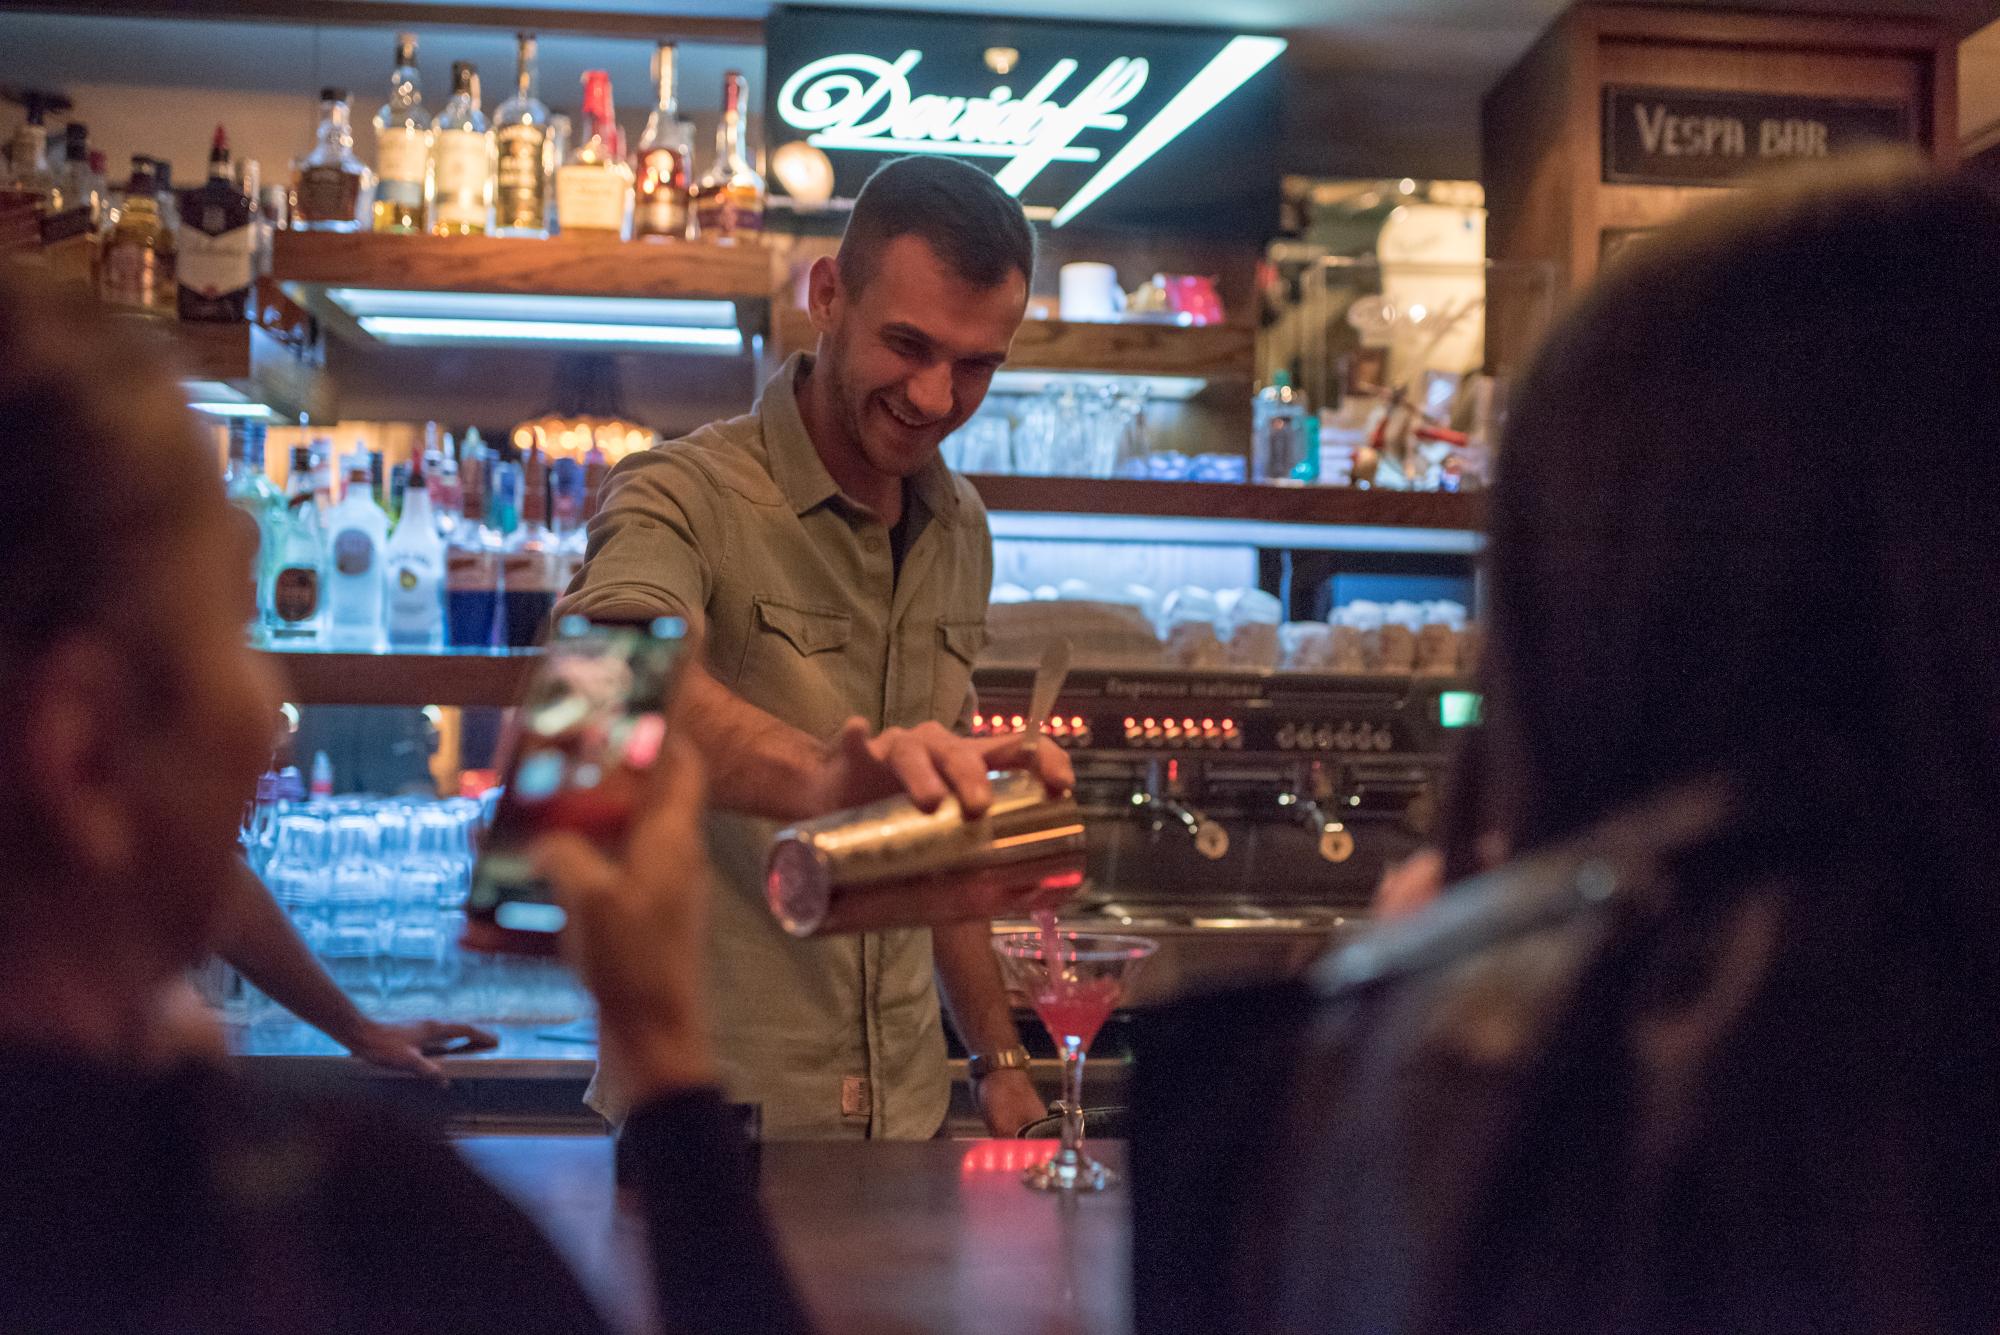 Posao Vespa Bar